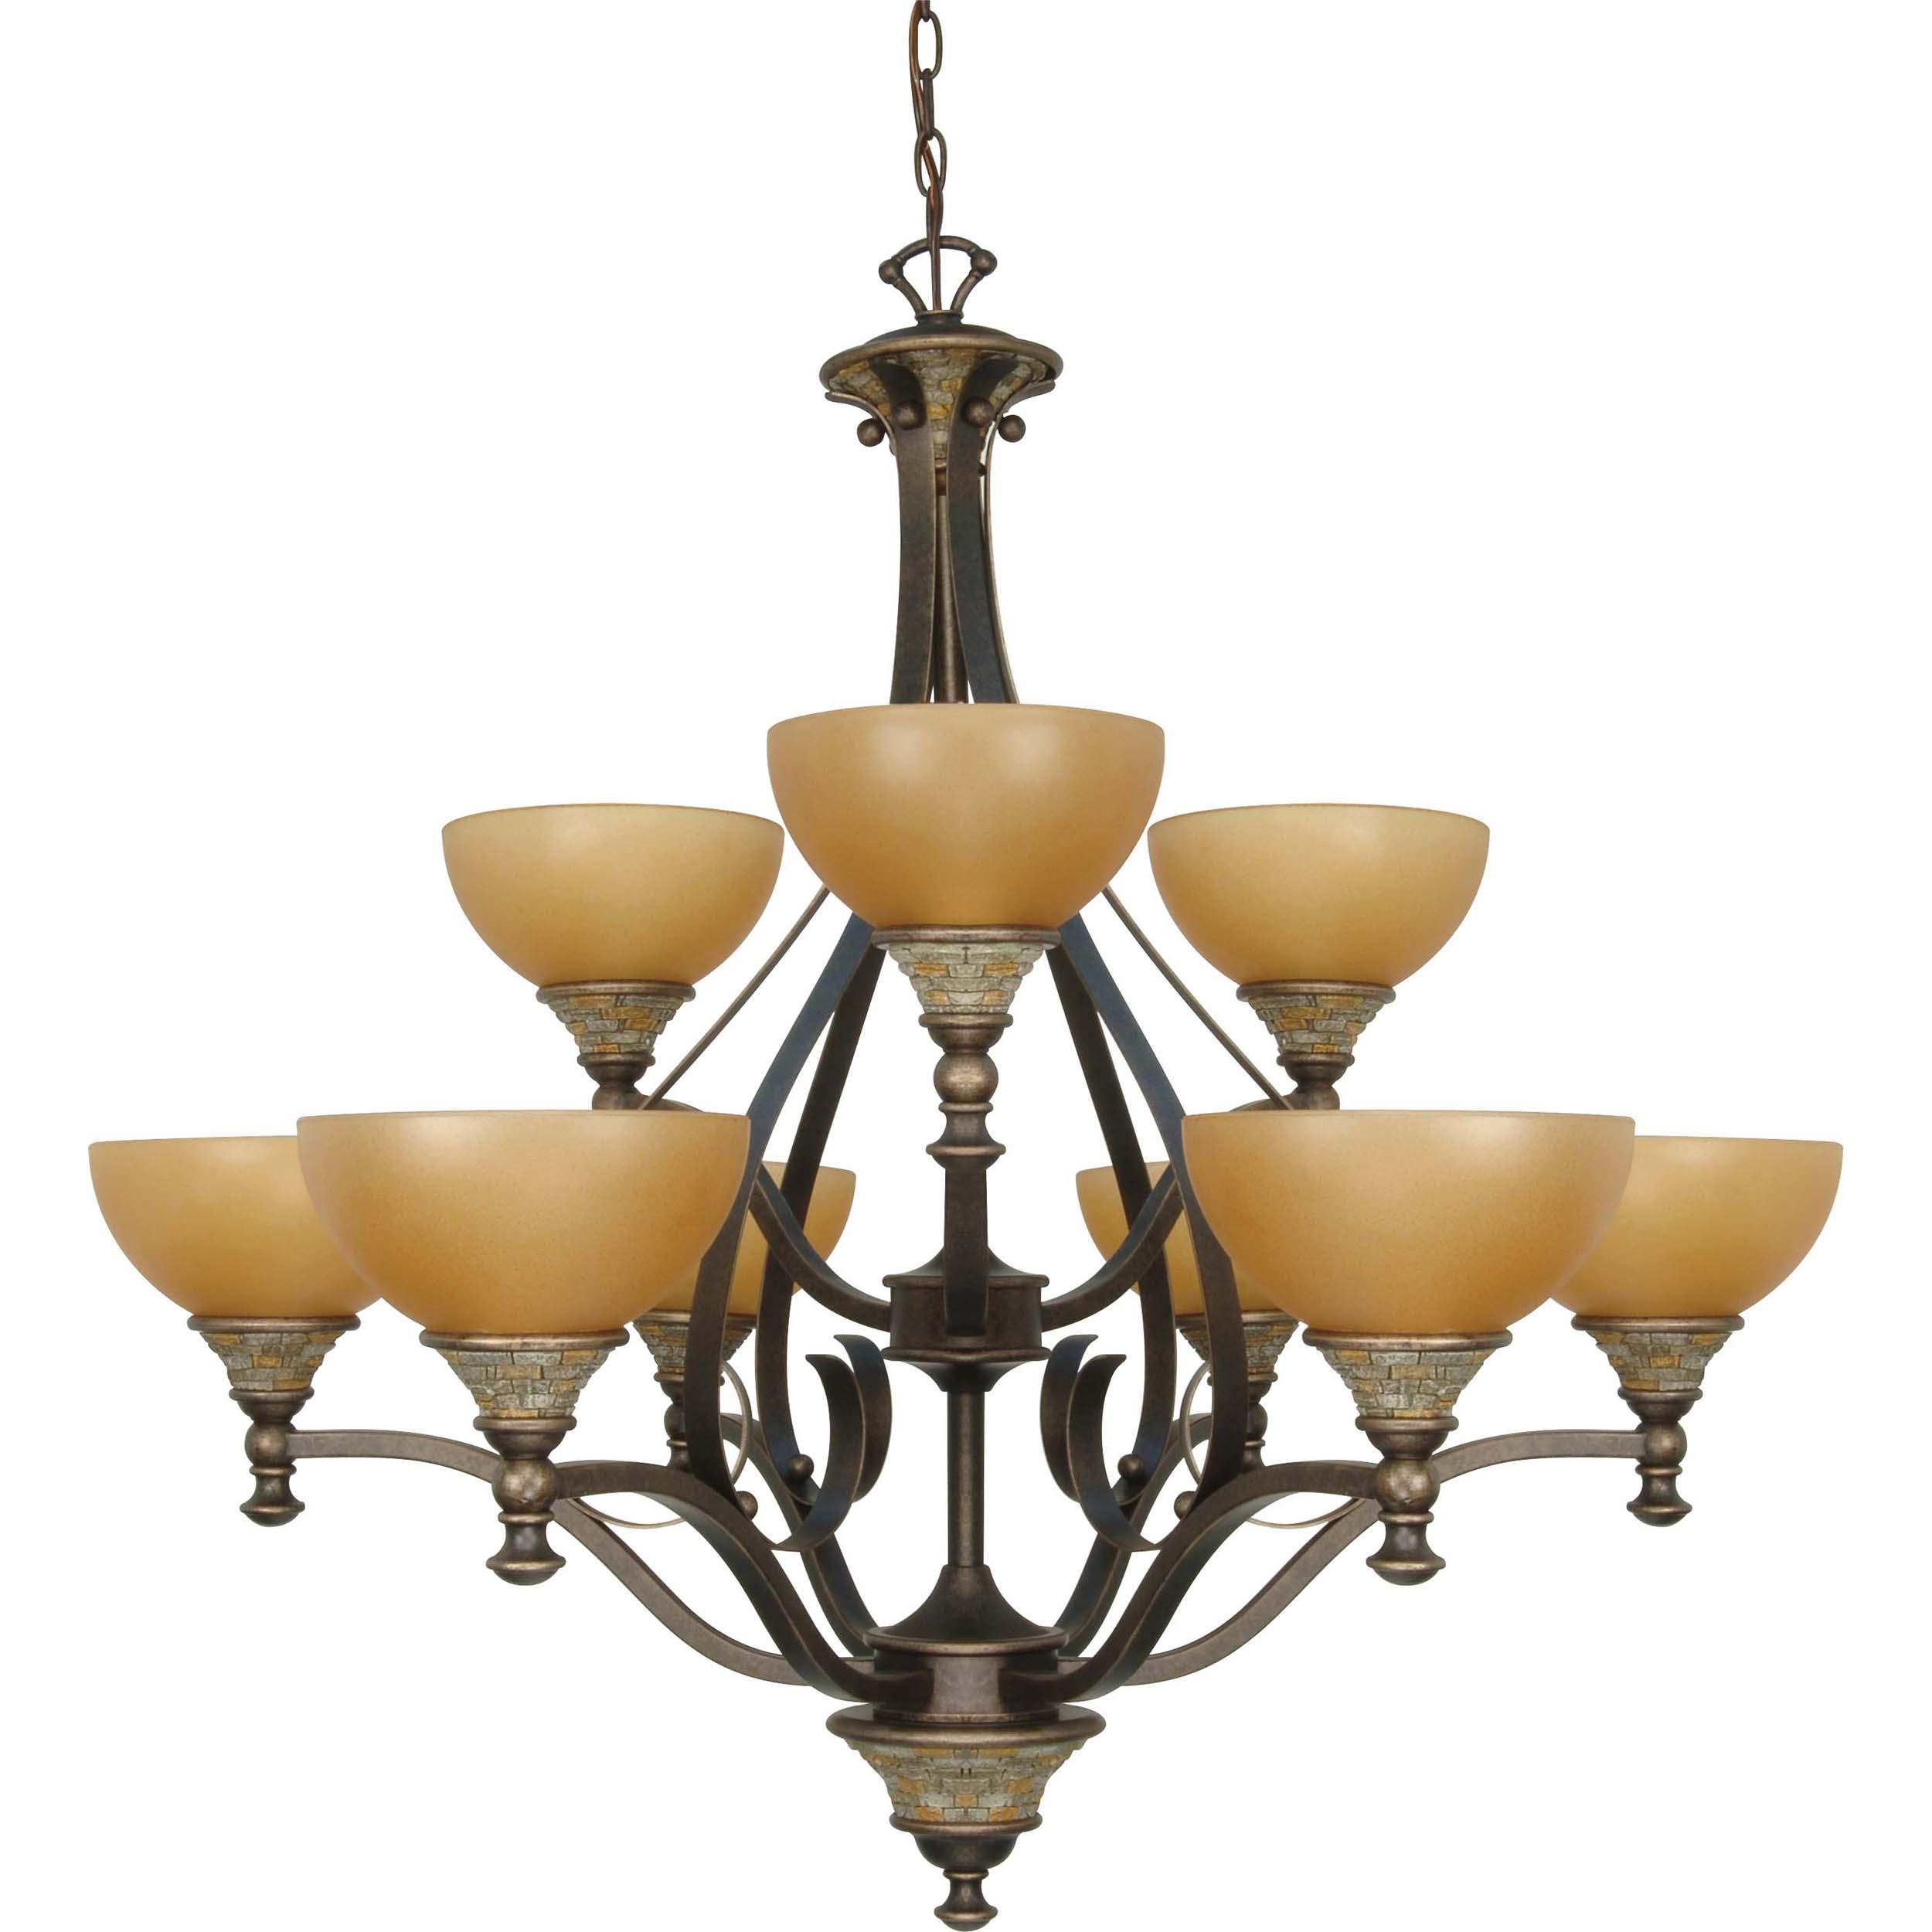 Rockport Tuscano 9 Light Chandelier Dorado Bronze with Sepia Colored Glass Shades